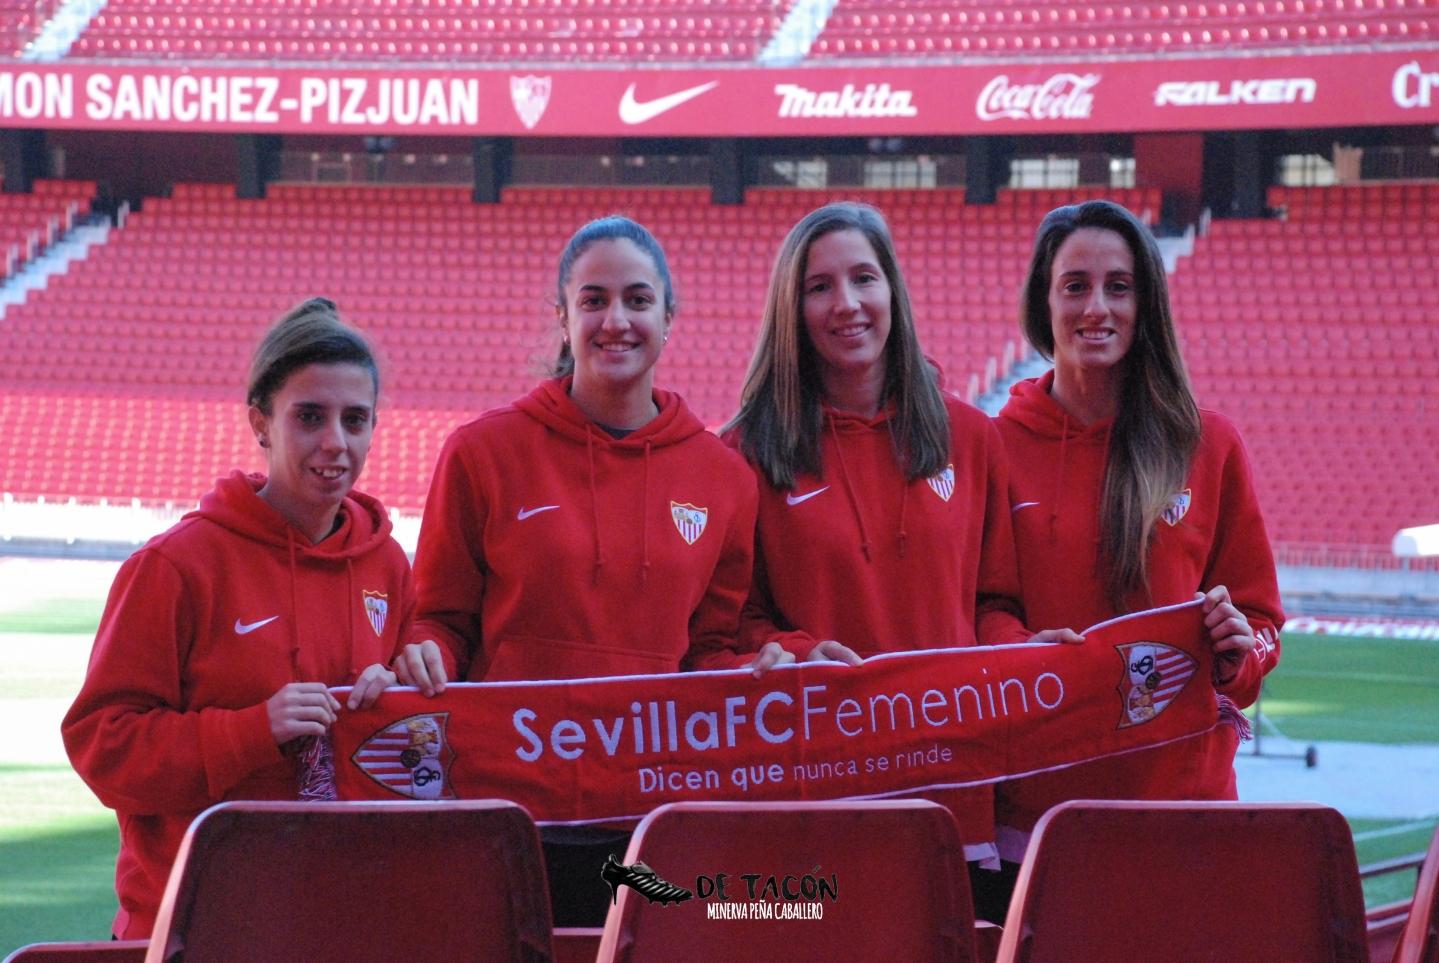 Nagore Calderón, Lucía Ramírez, Jeni Morilla y Maite Albarrán protagonizan el Media Day previo al derbi